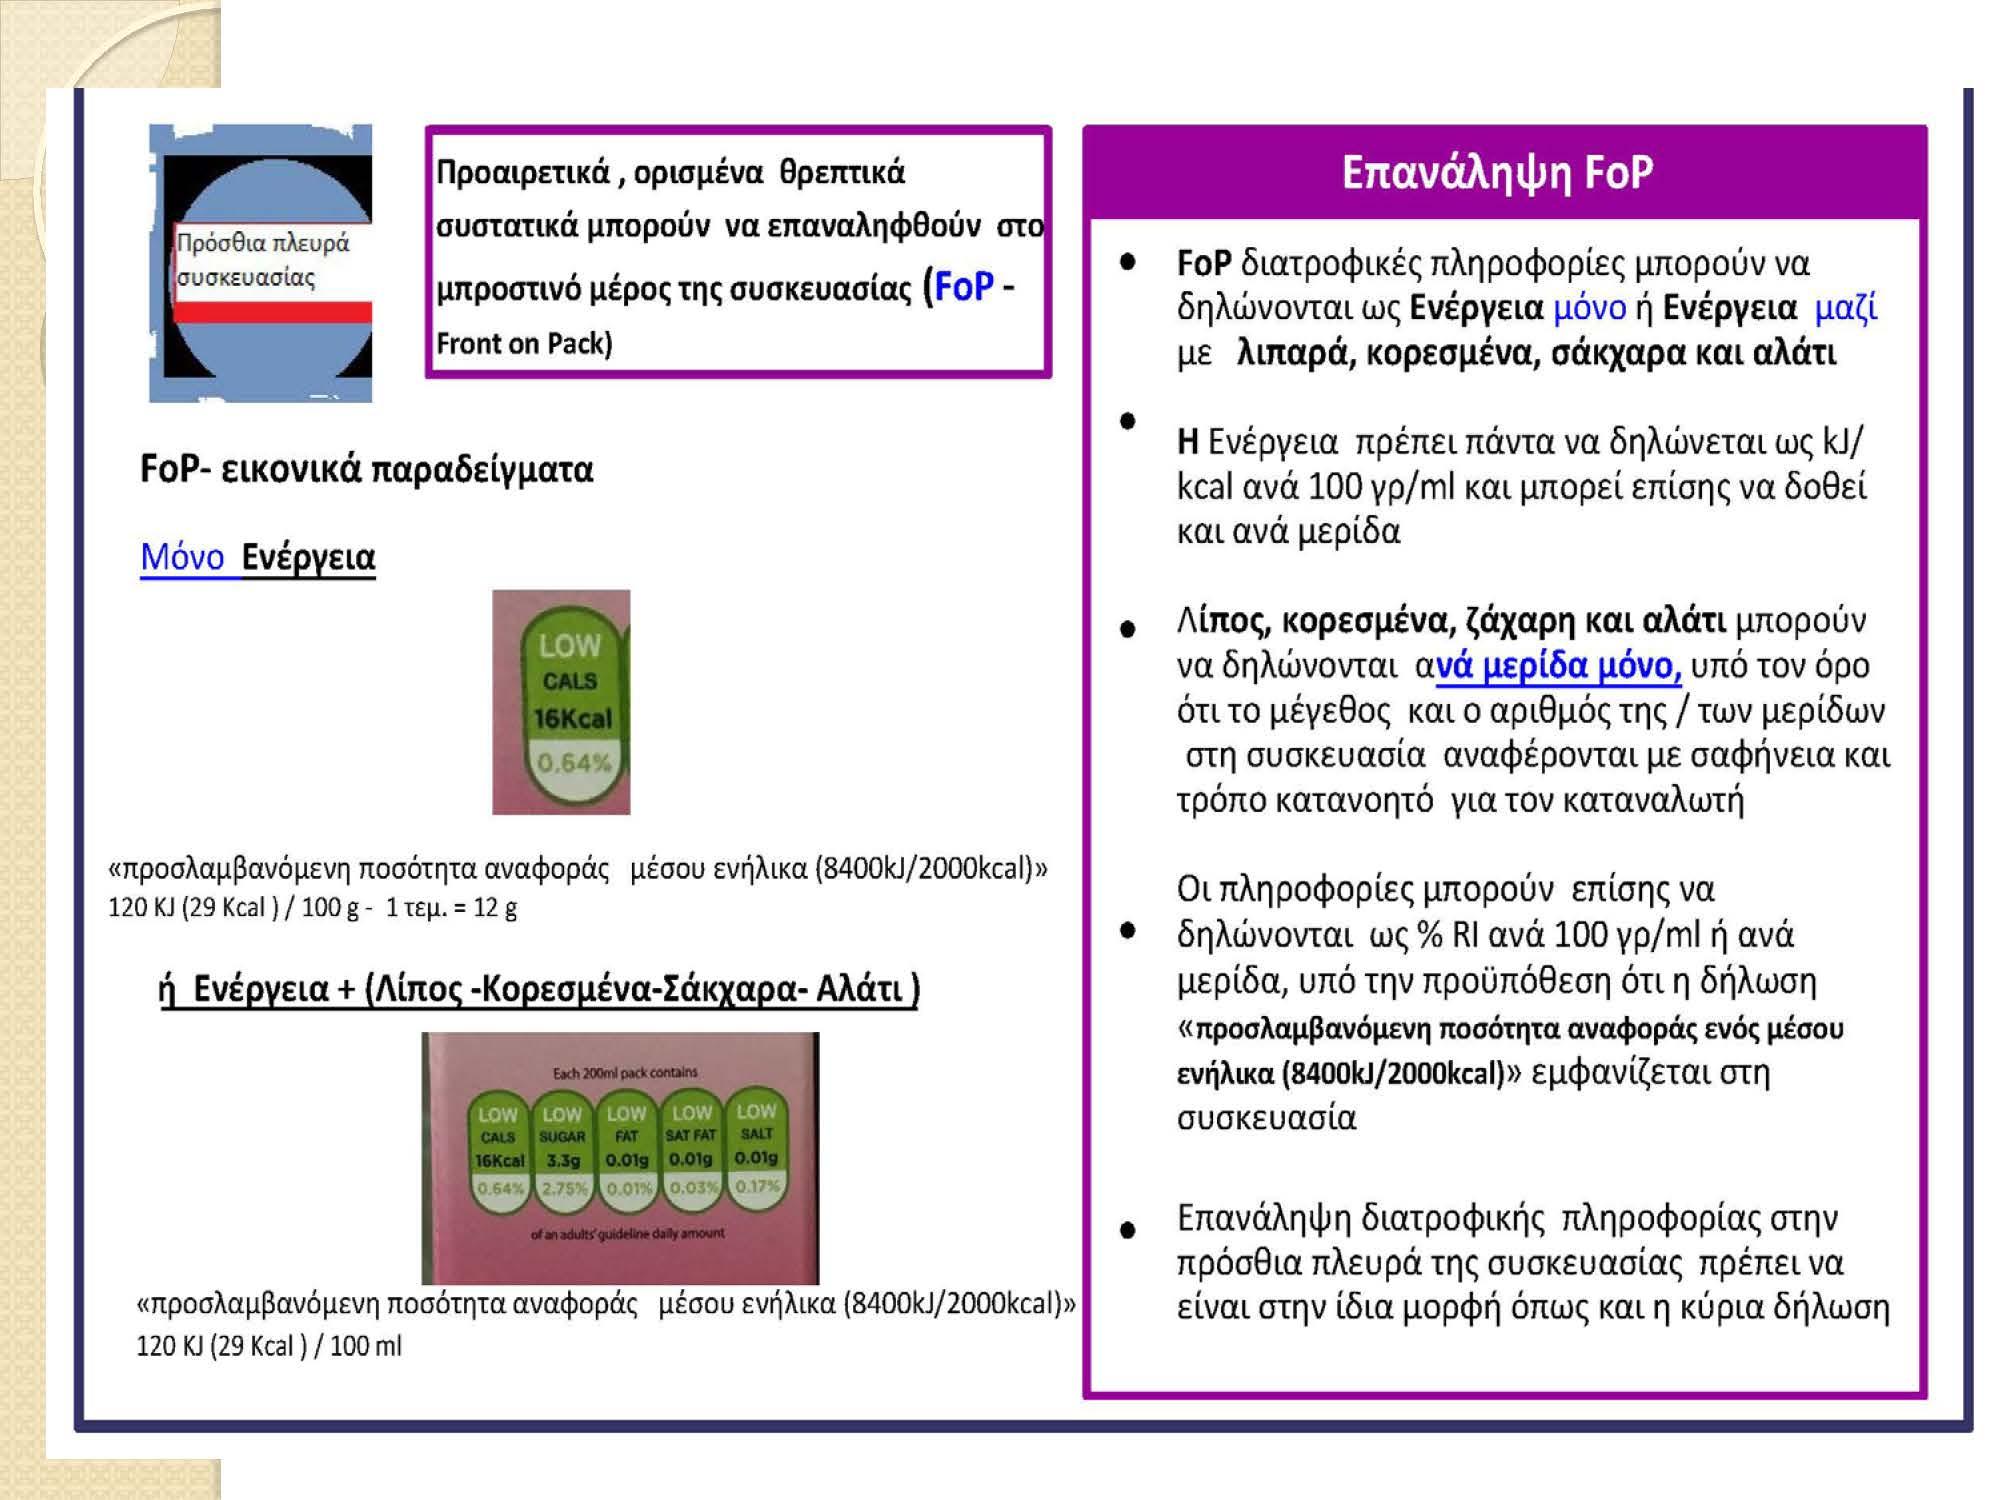 Διατροφική επισήμανση  στα προσυσκευασμένα τρόφιμα_Page_06